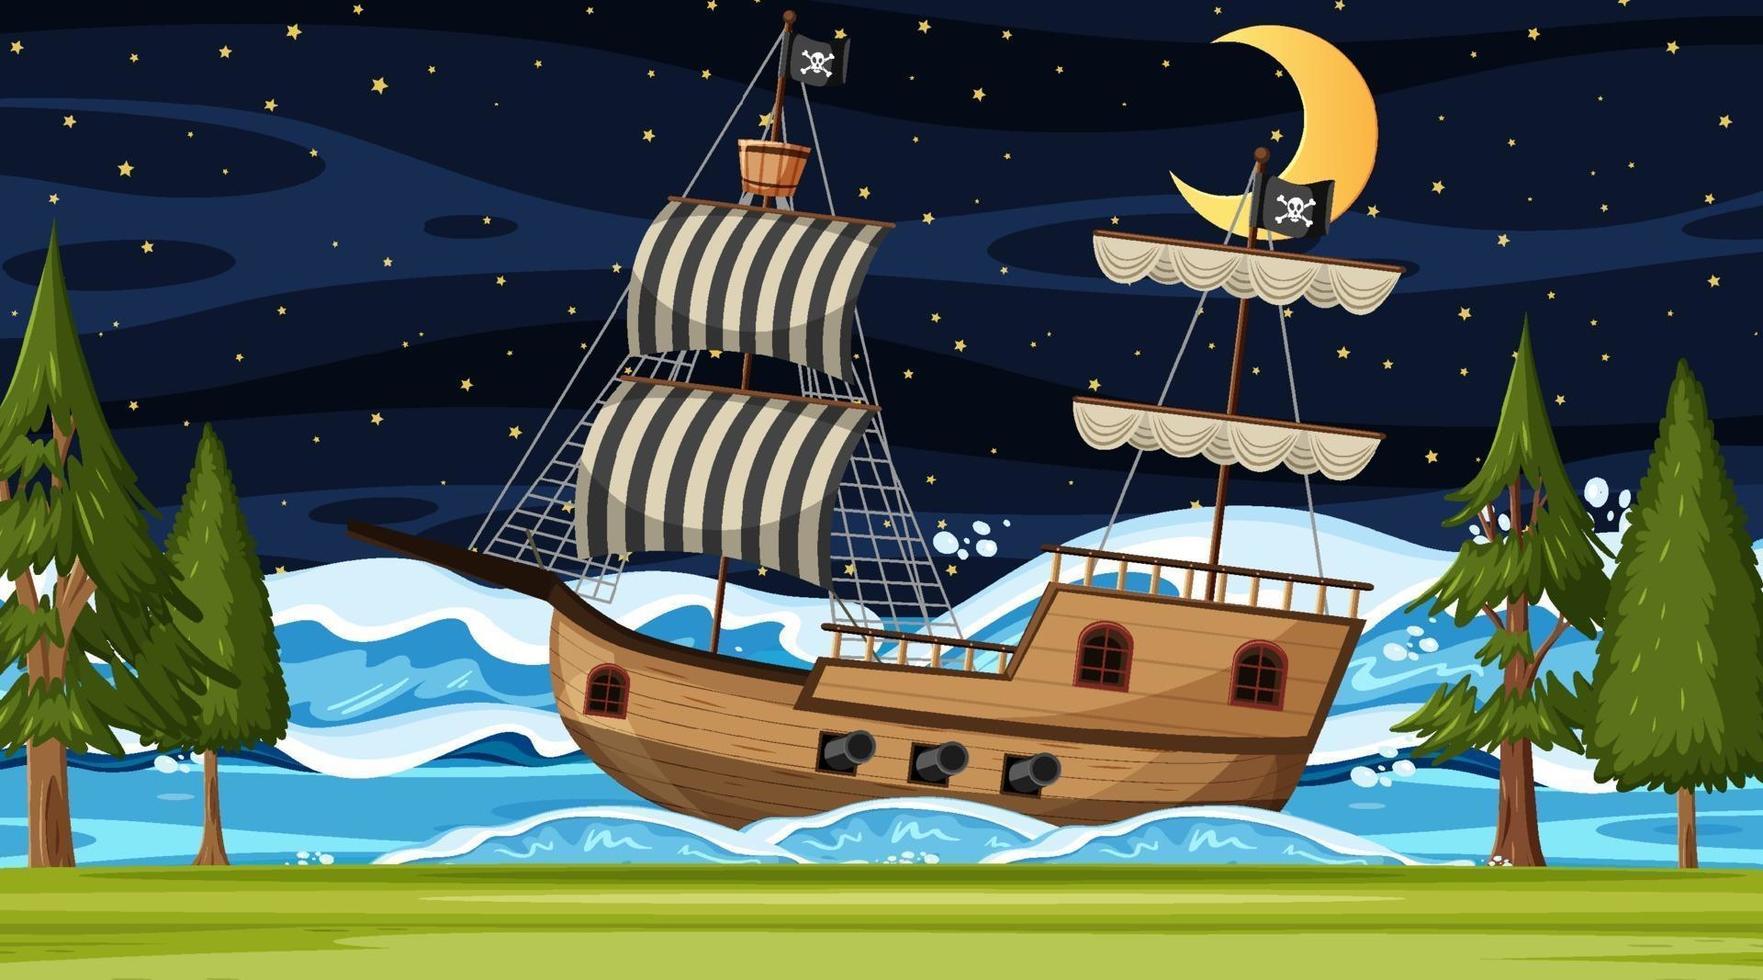 oceaan met piratenschip bij nachtscène in cartoonstijl vector